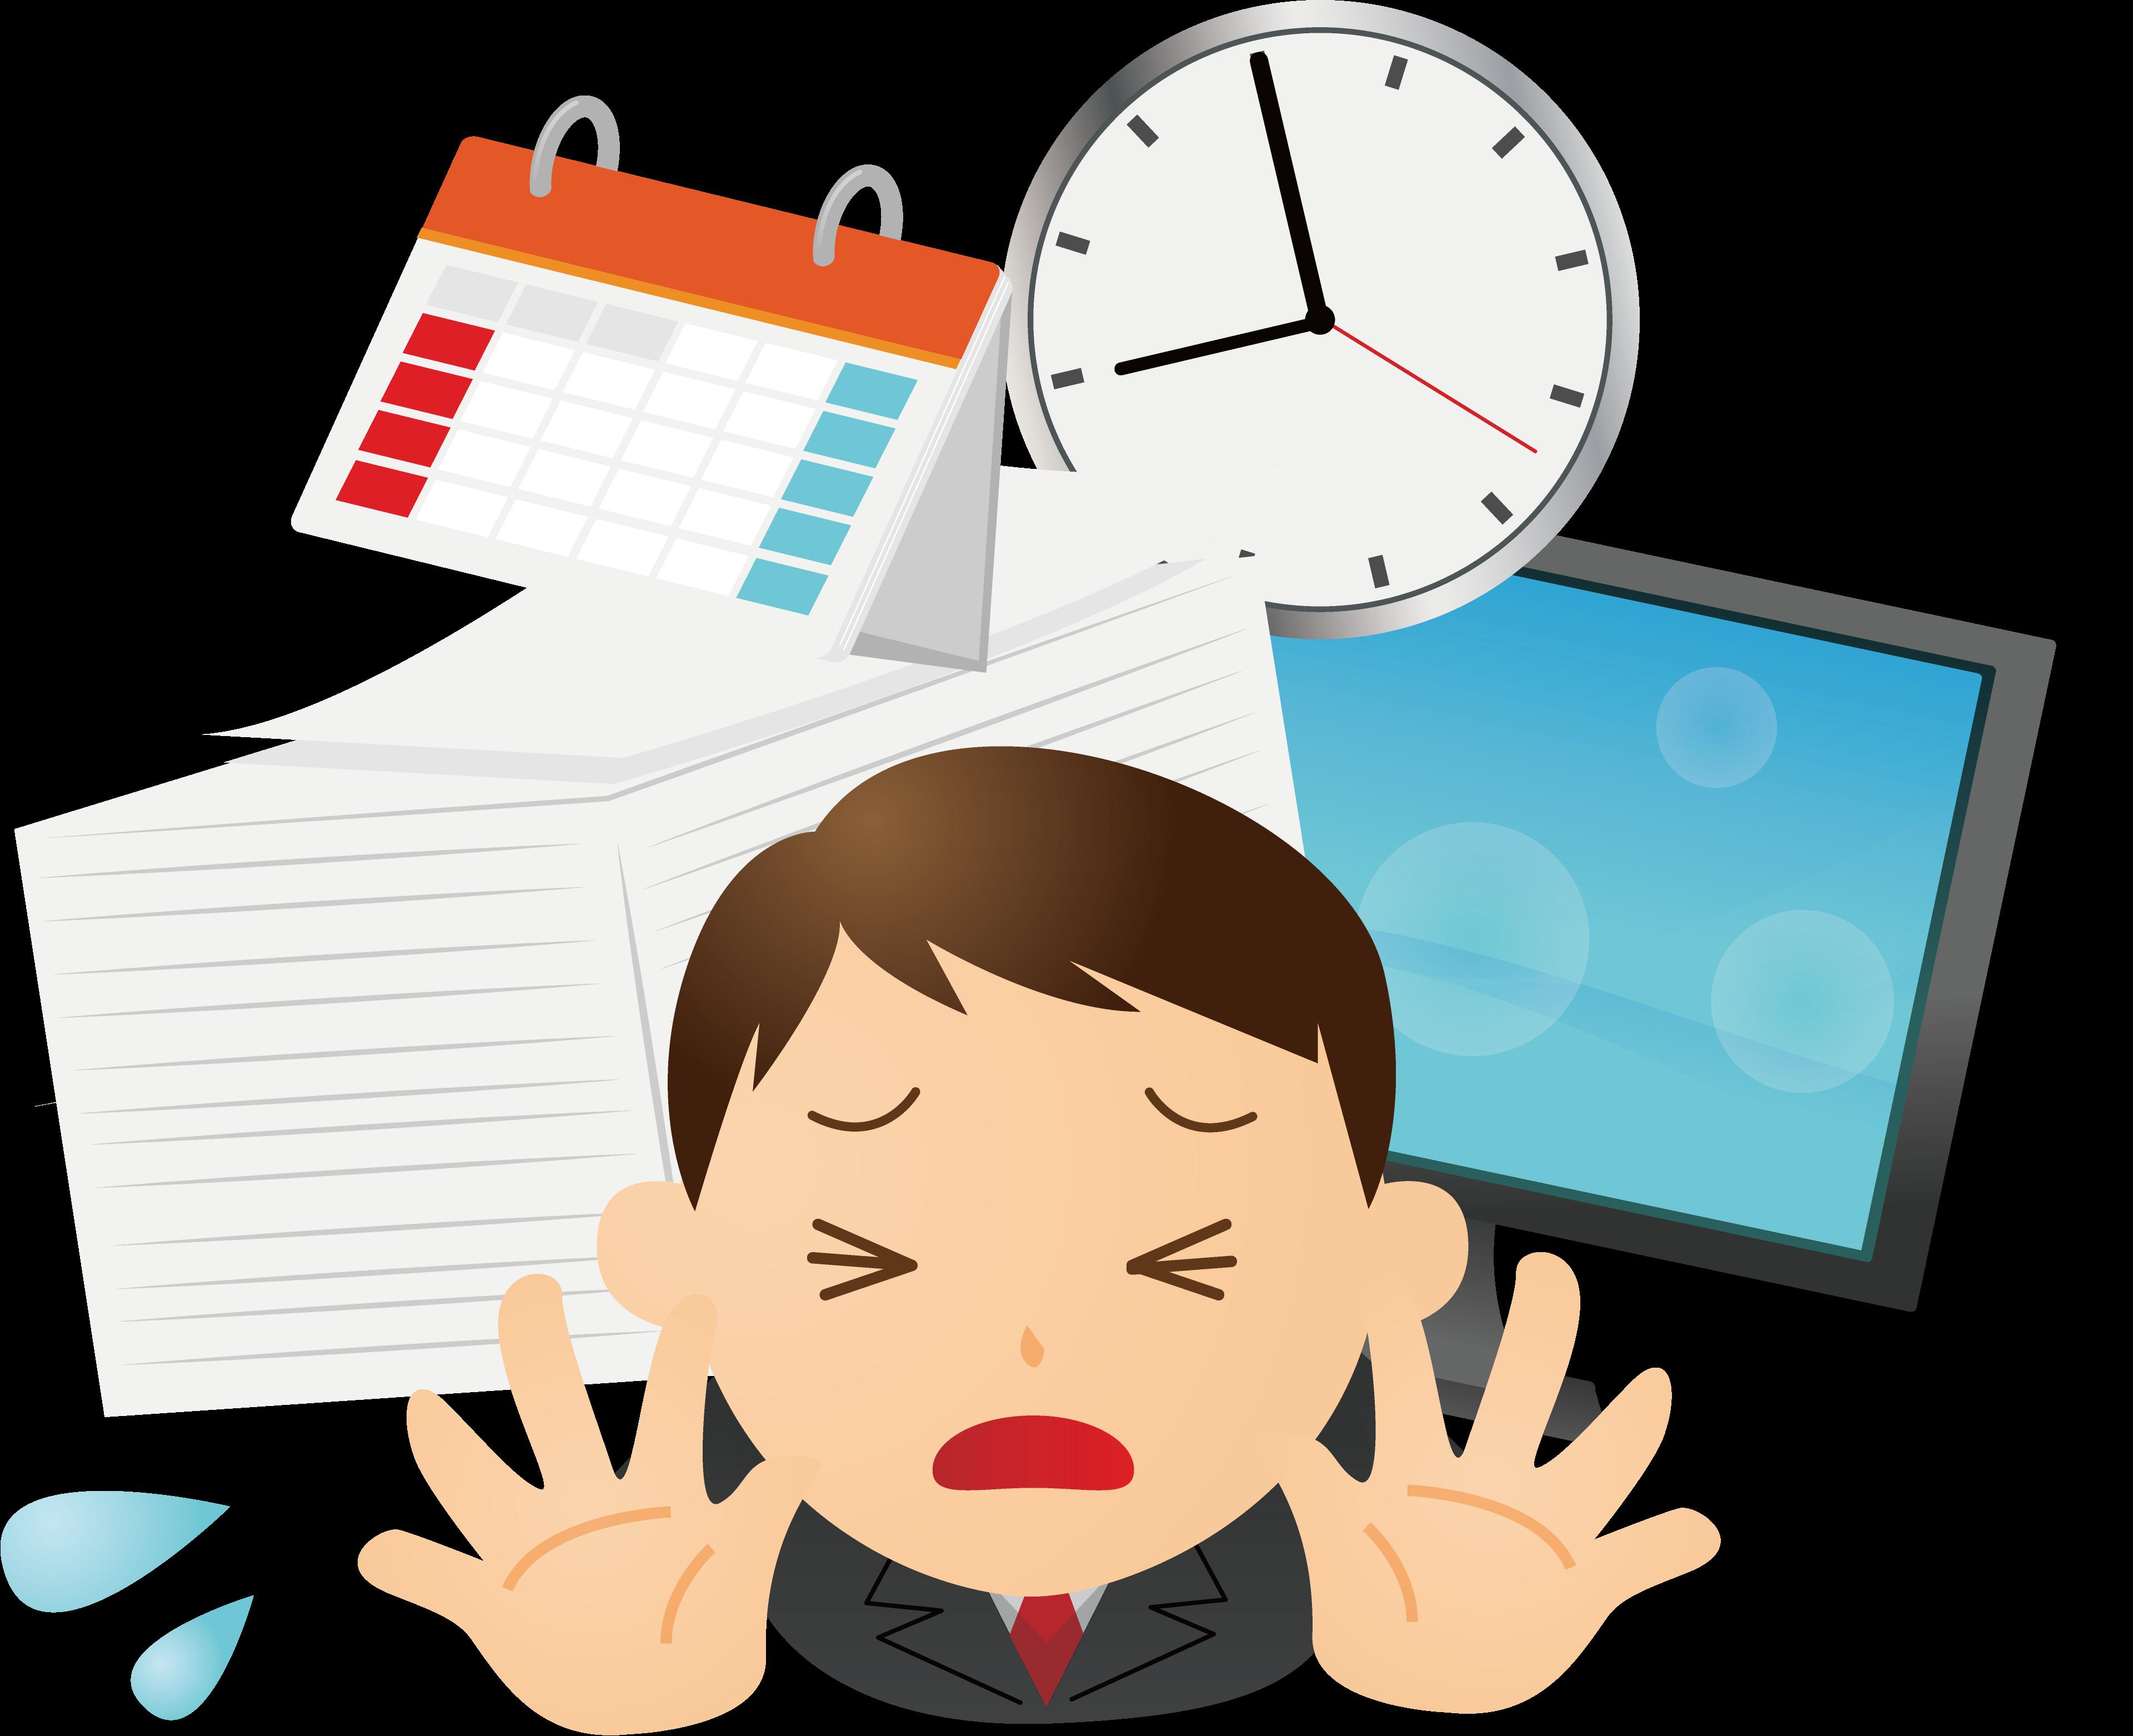 時間がない時の対処方法 勉強/仕事/引っ越し/運動など